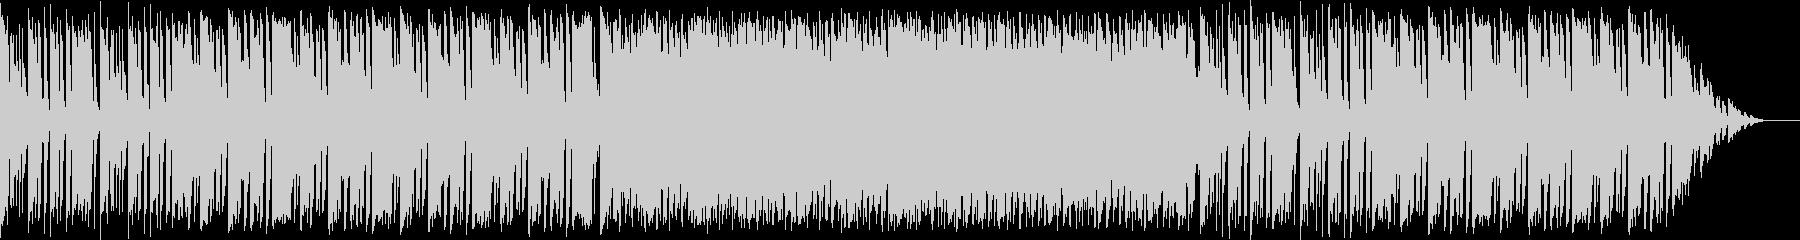 キラキラかわいいBGMのショートver.の未再生の波形